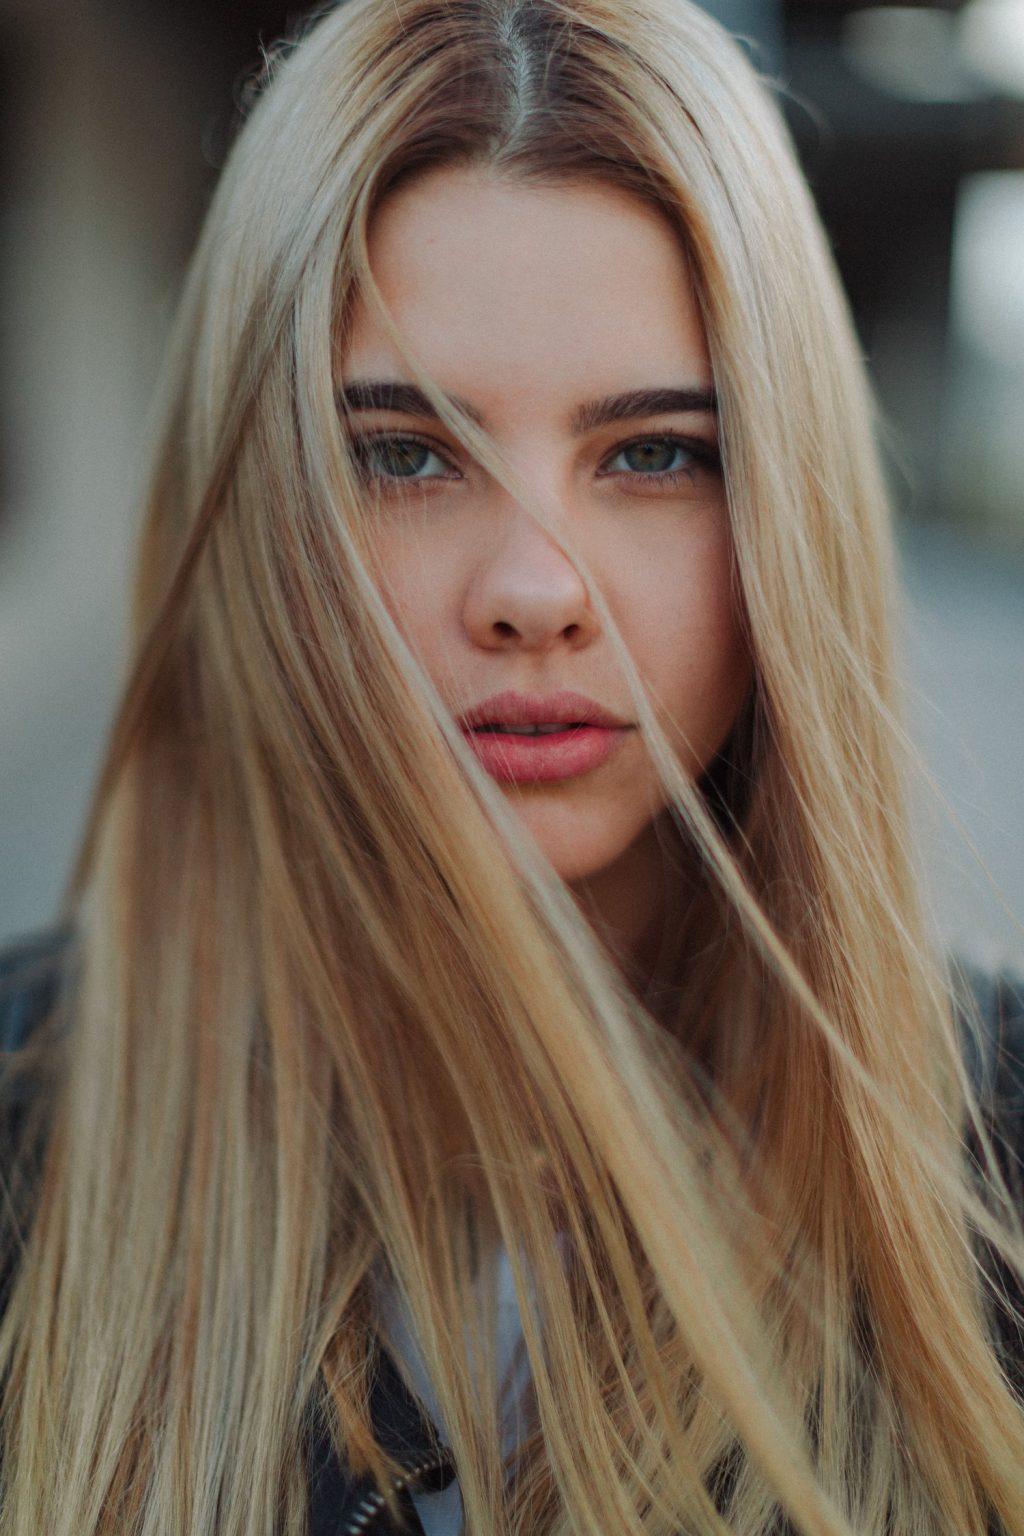 Cách làm mặt nạ-Cô gái tóc vàng.